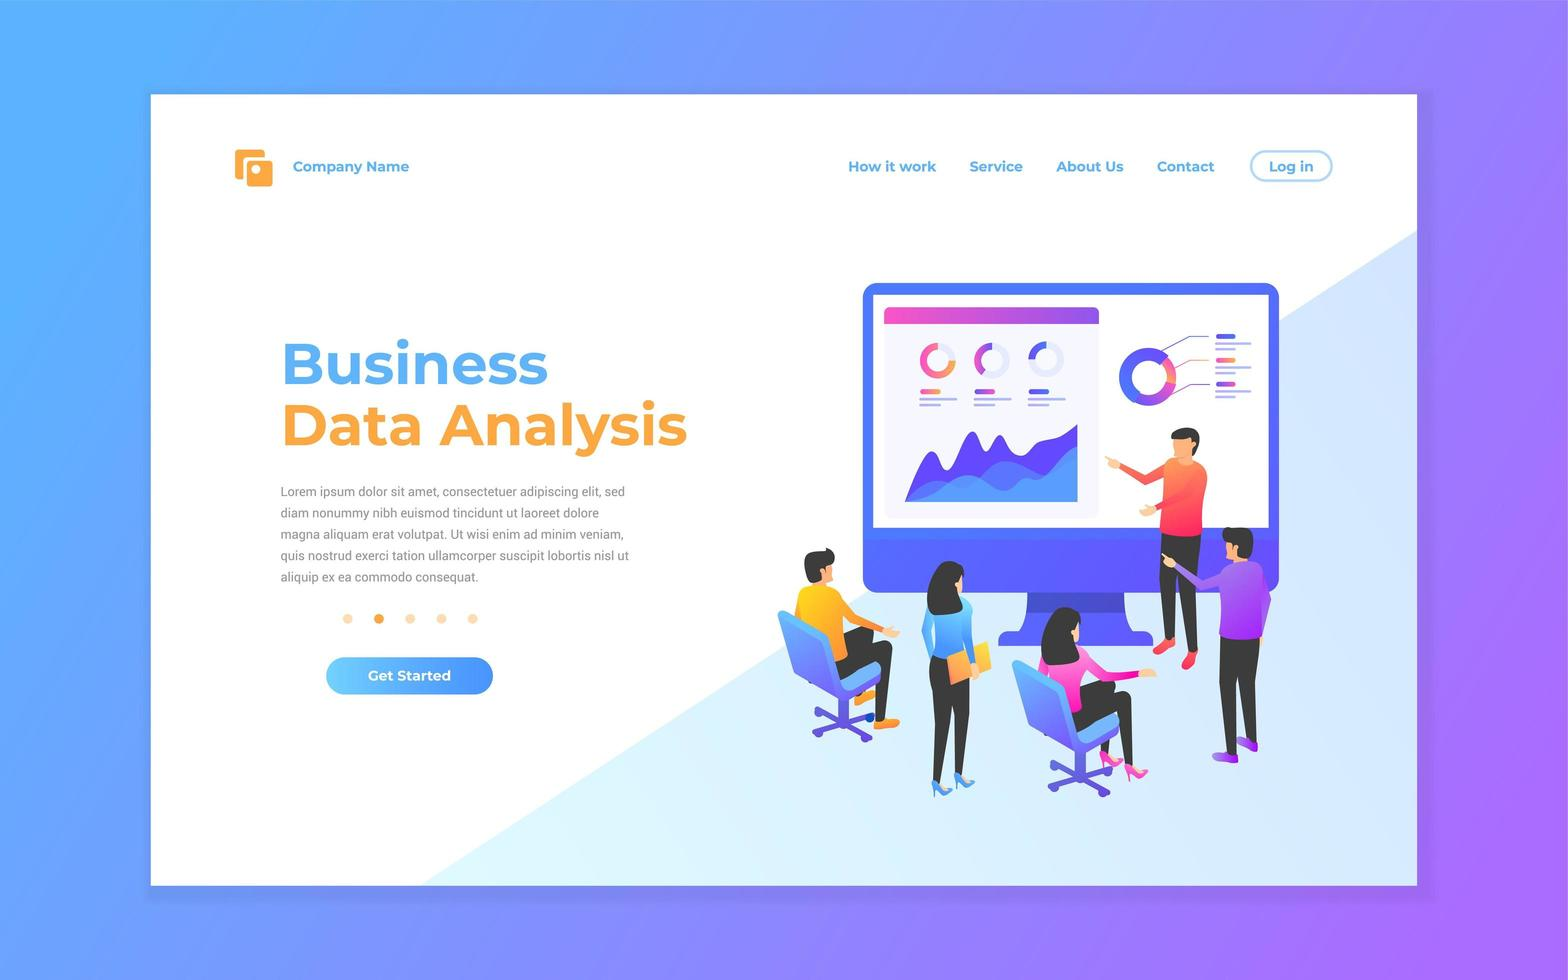 modelos de design de página da web para análise de dados vetor